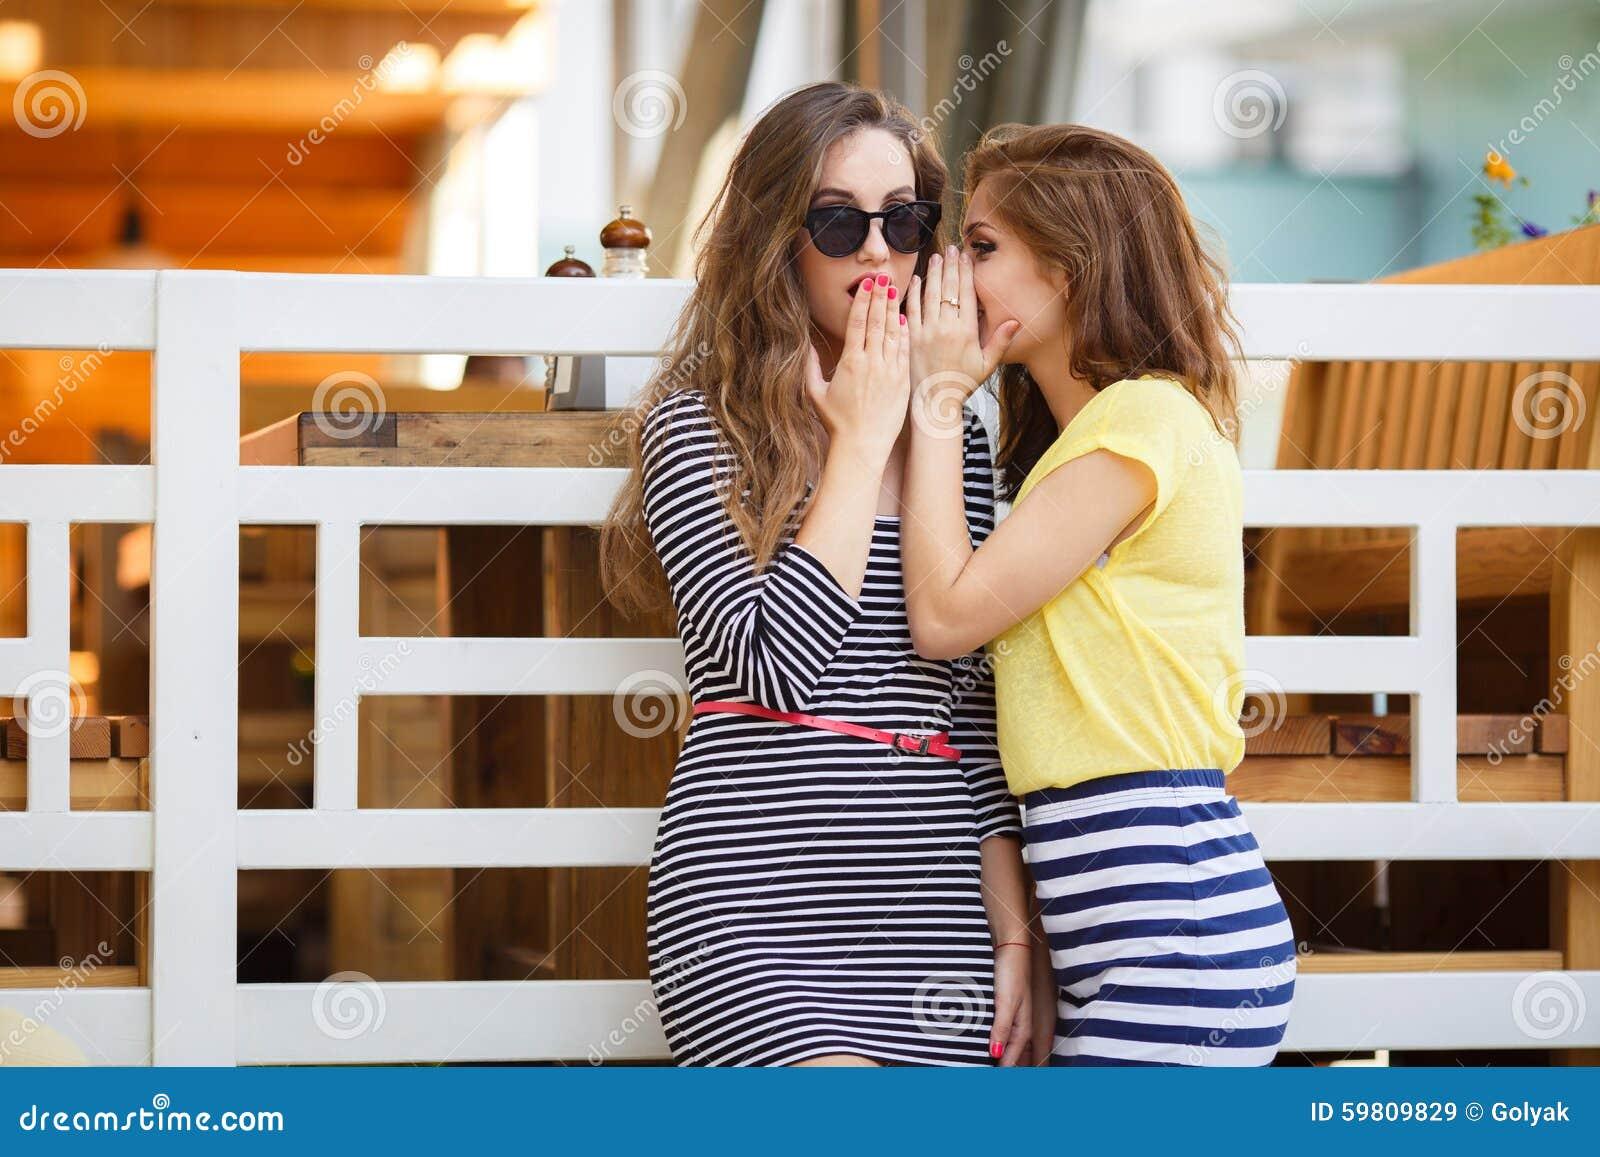 girl striped in shirt Brunette teen